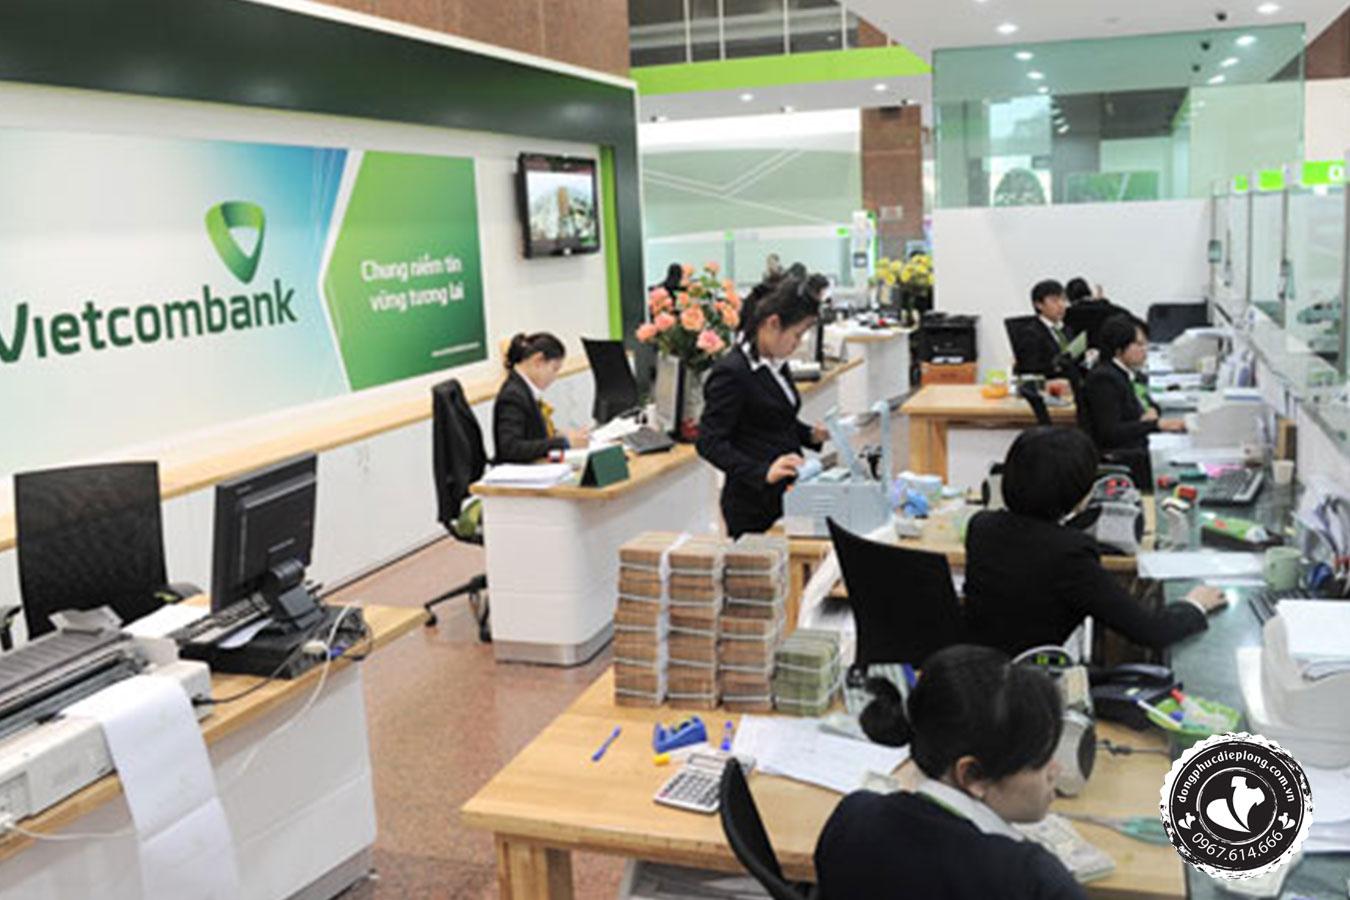 lua-chon-don-vi-may-dong-phuc-vietcombank-chat-luong